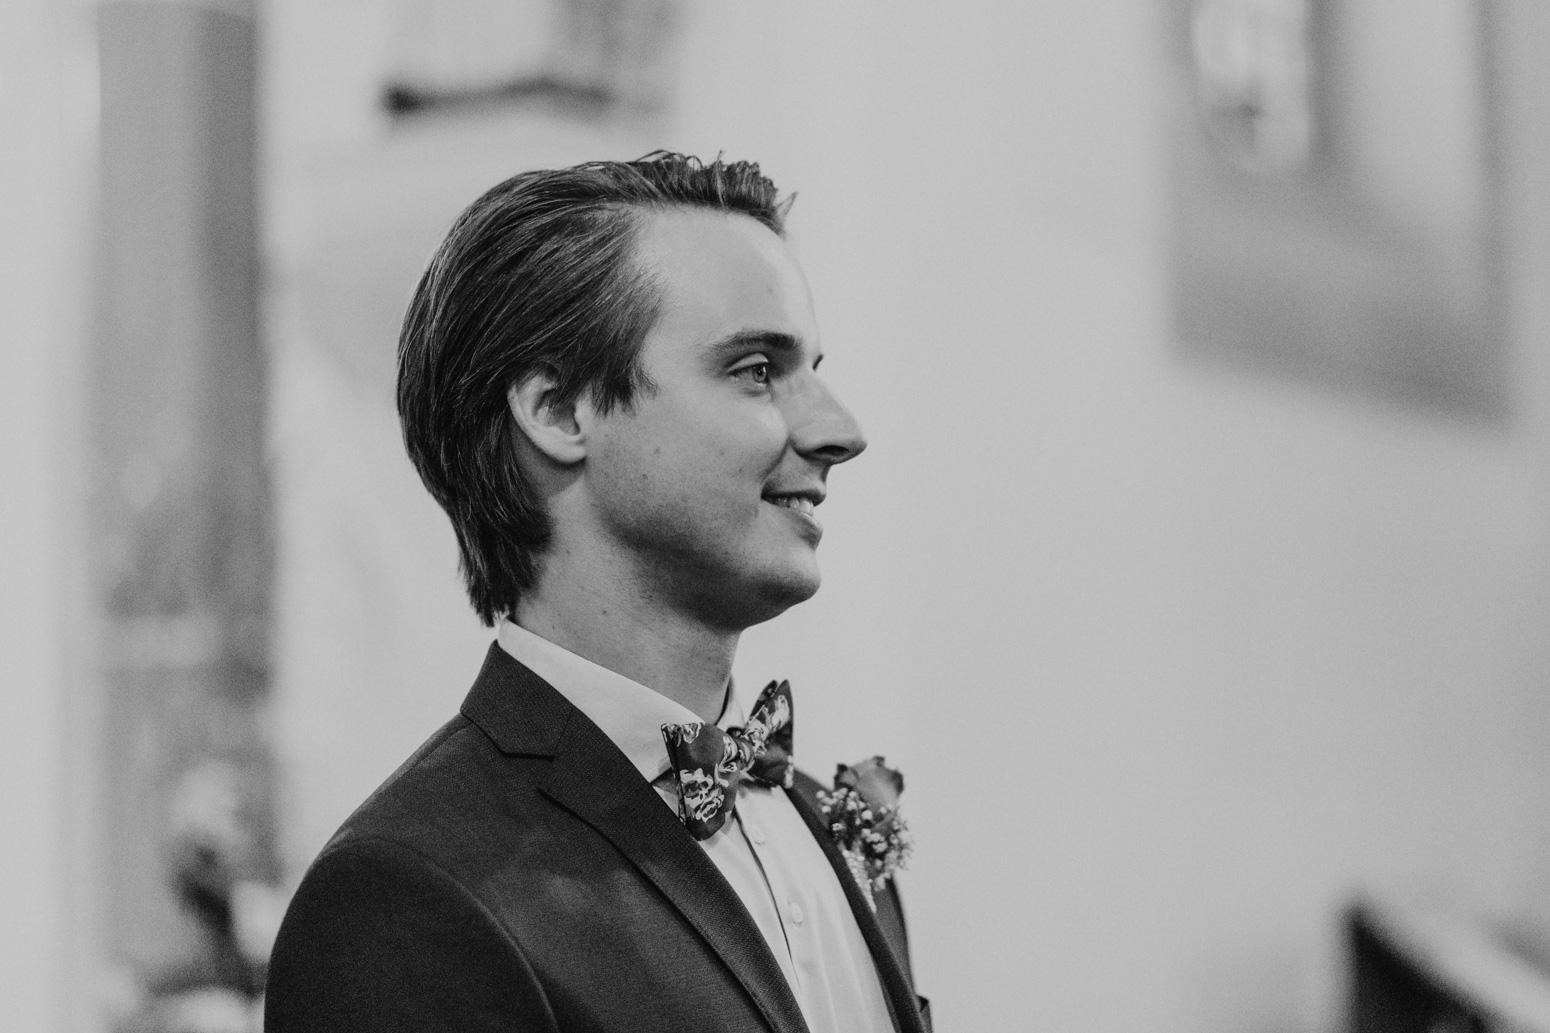 Der Bräutigam wartet in der Kirche auf seine Braut.